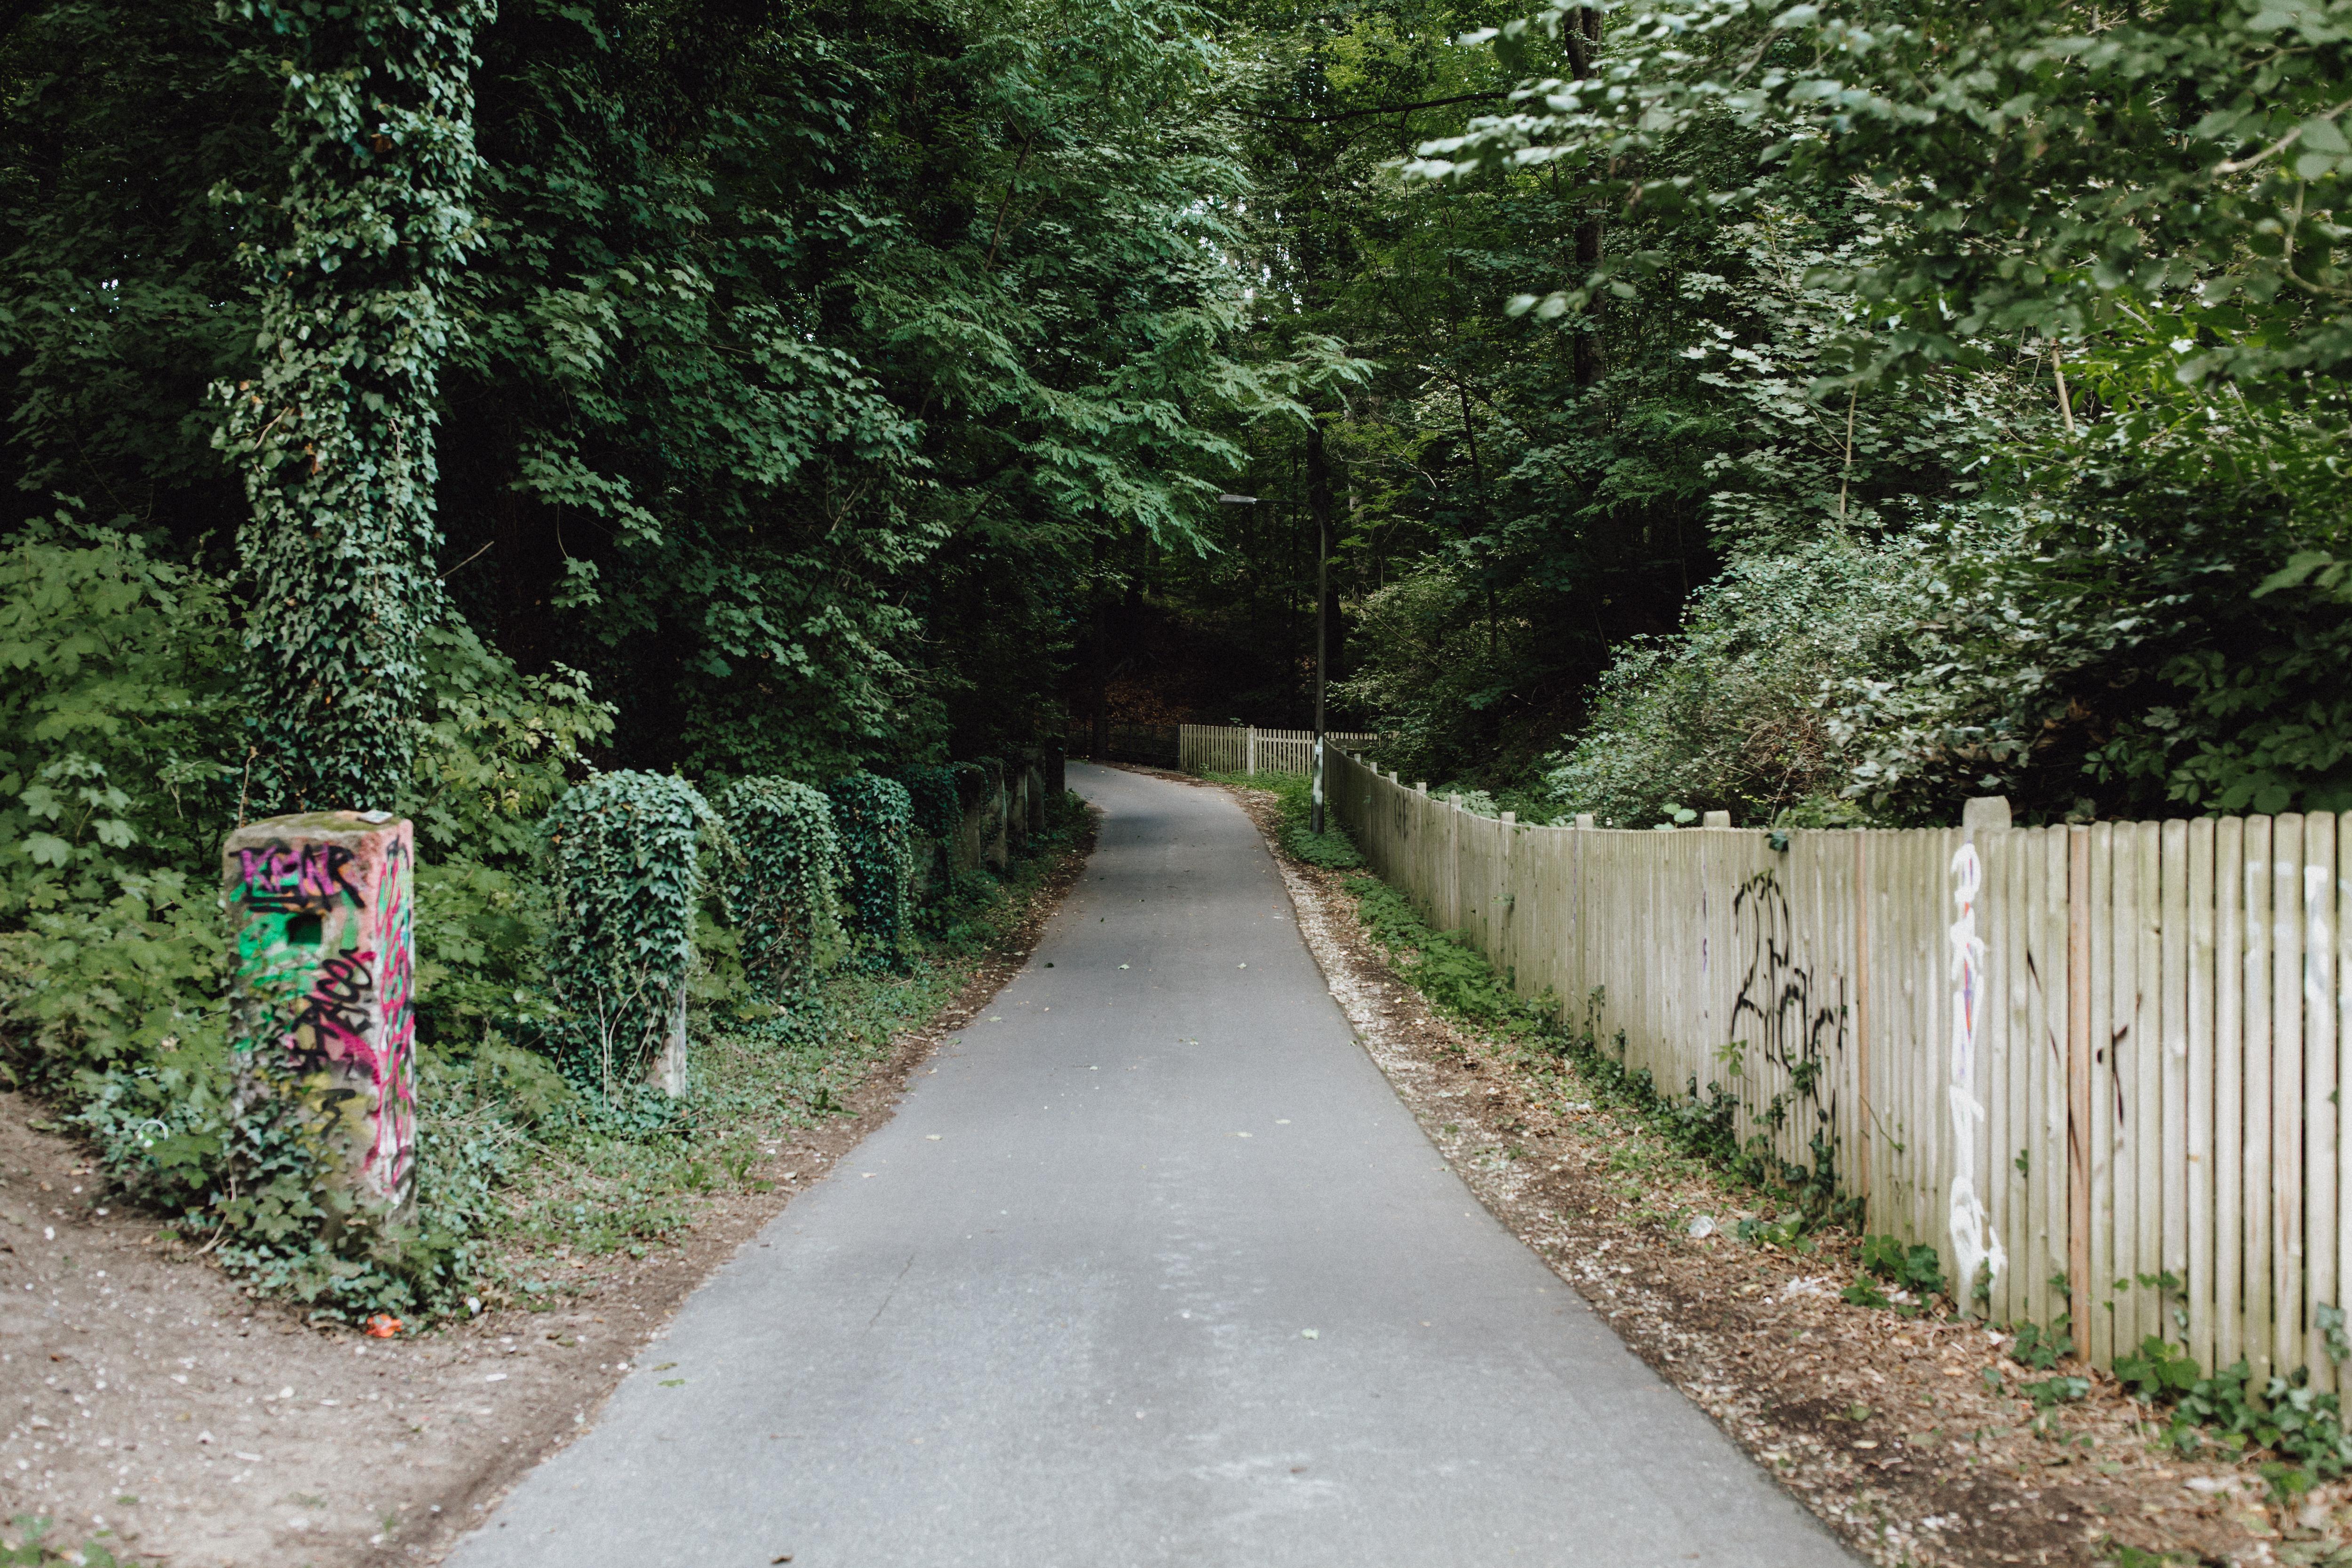 URBANERIE_Daniela_Goth_Fotografin_Nürnberg_Fürth_Erlangen_Schwabach_170906_001_0009